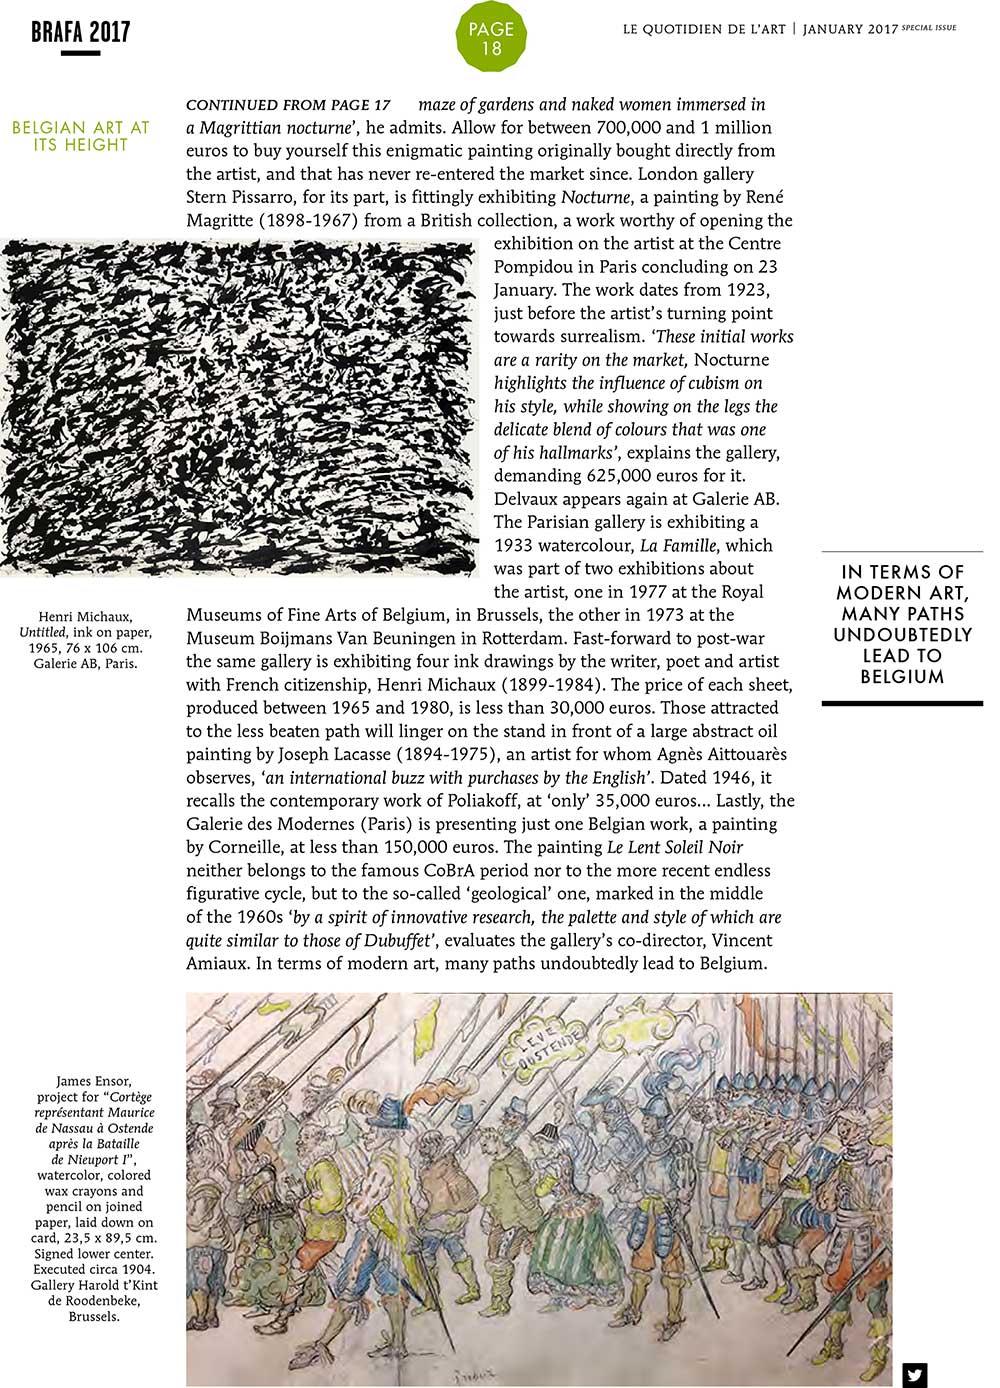 Quotidien-de-l'art-BRAFA-2018-Galerie-AB-Paris-expertises-et-estimations-d'oeuvres-d'art-et-de-tableaux-3